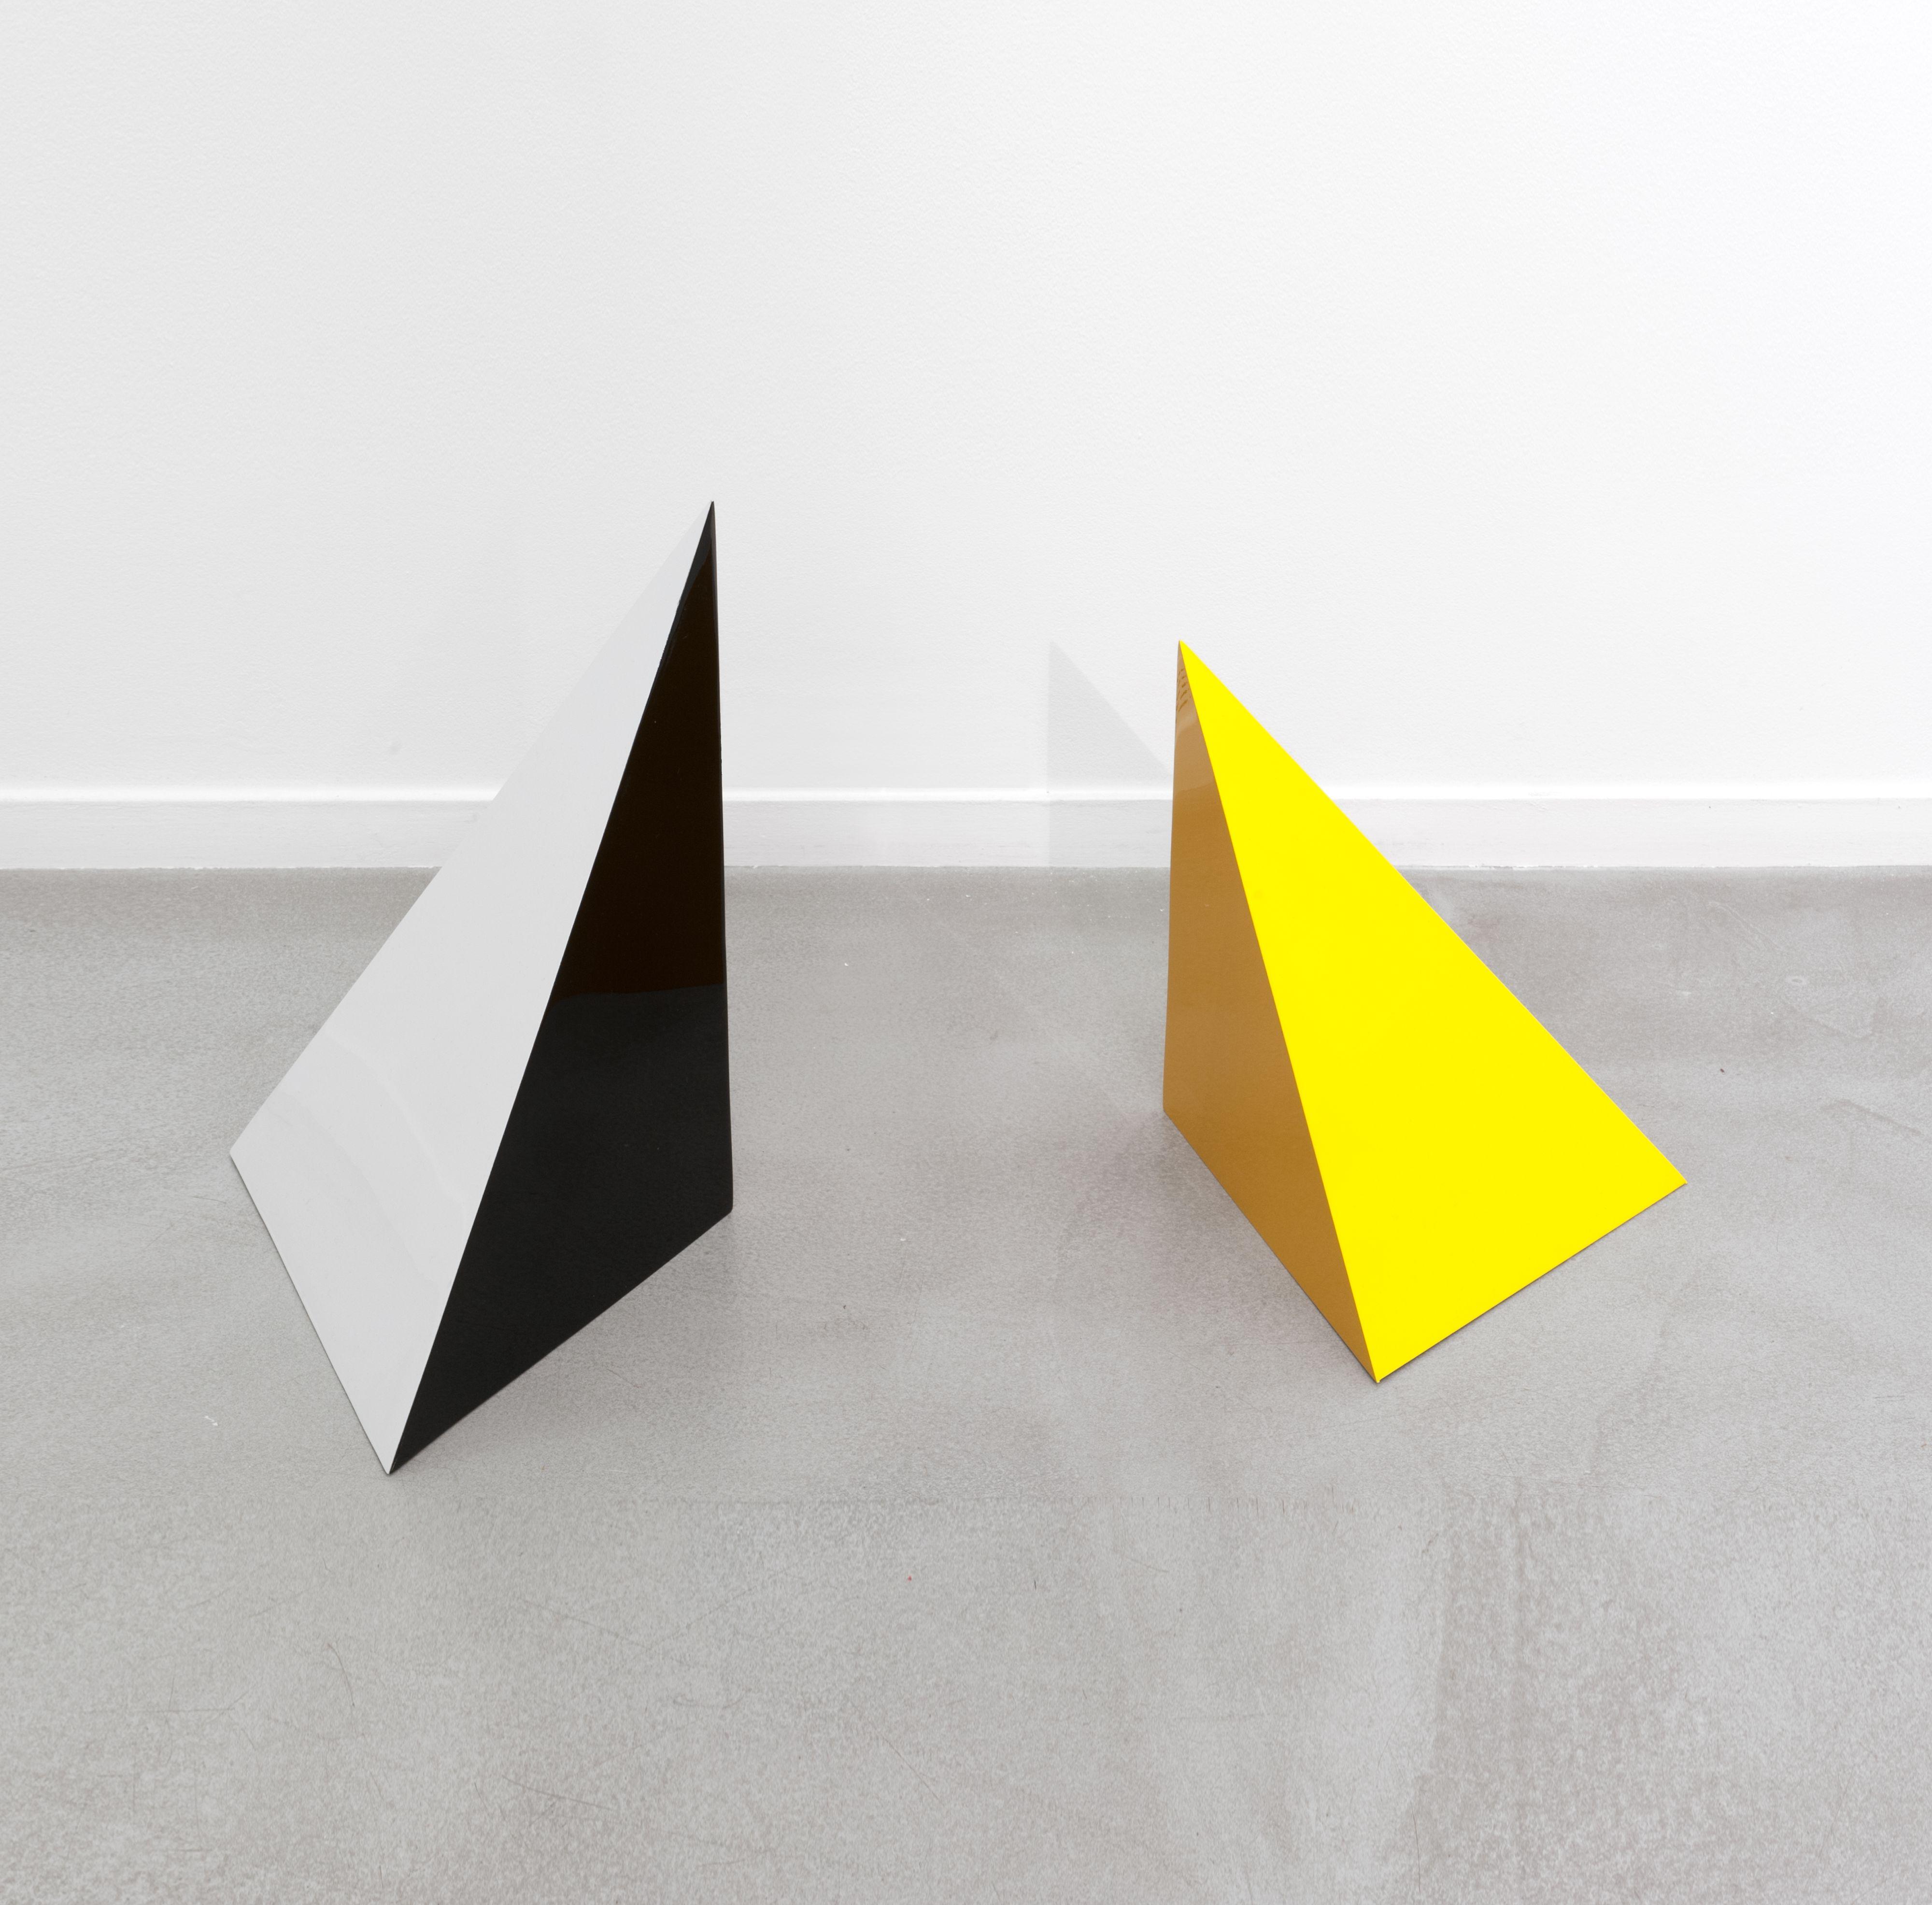 Metallic Sculptures, 2019